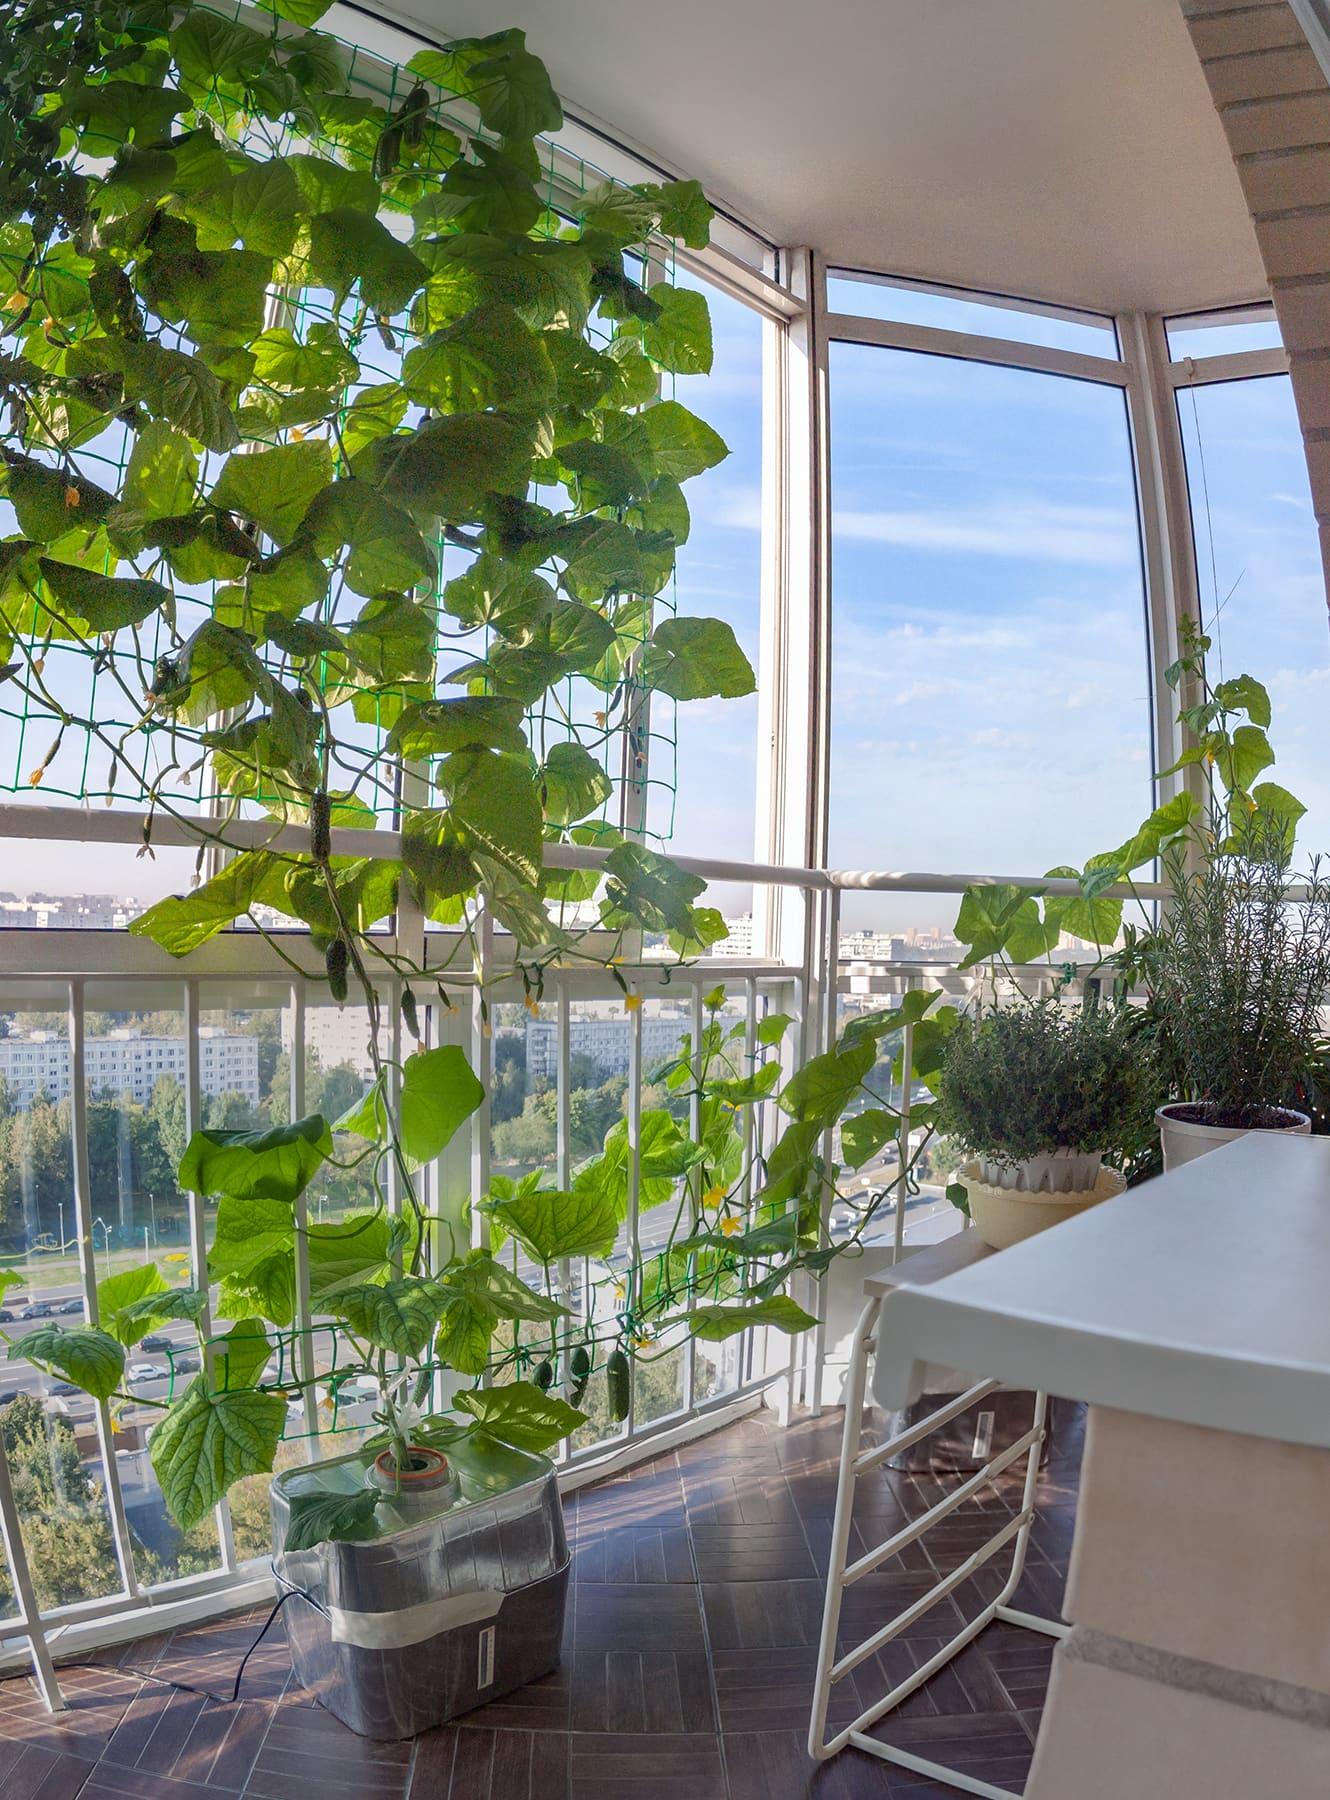 Огурцы в гидропонике на балконе